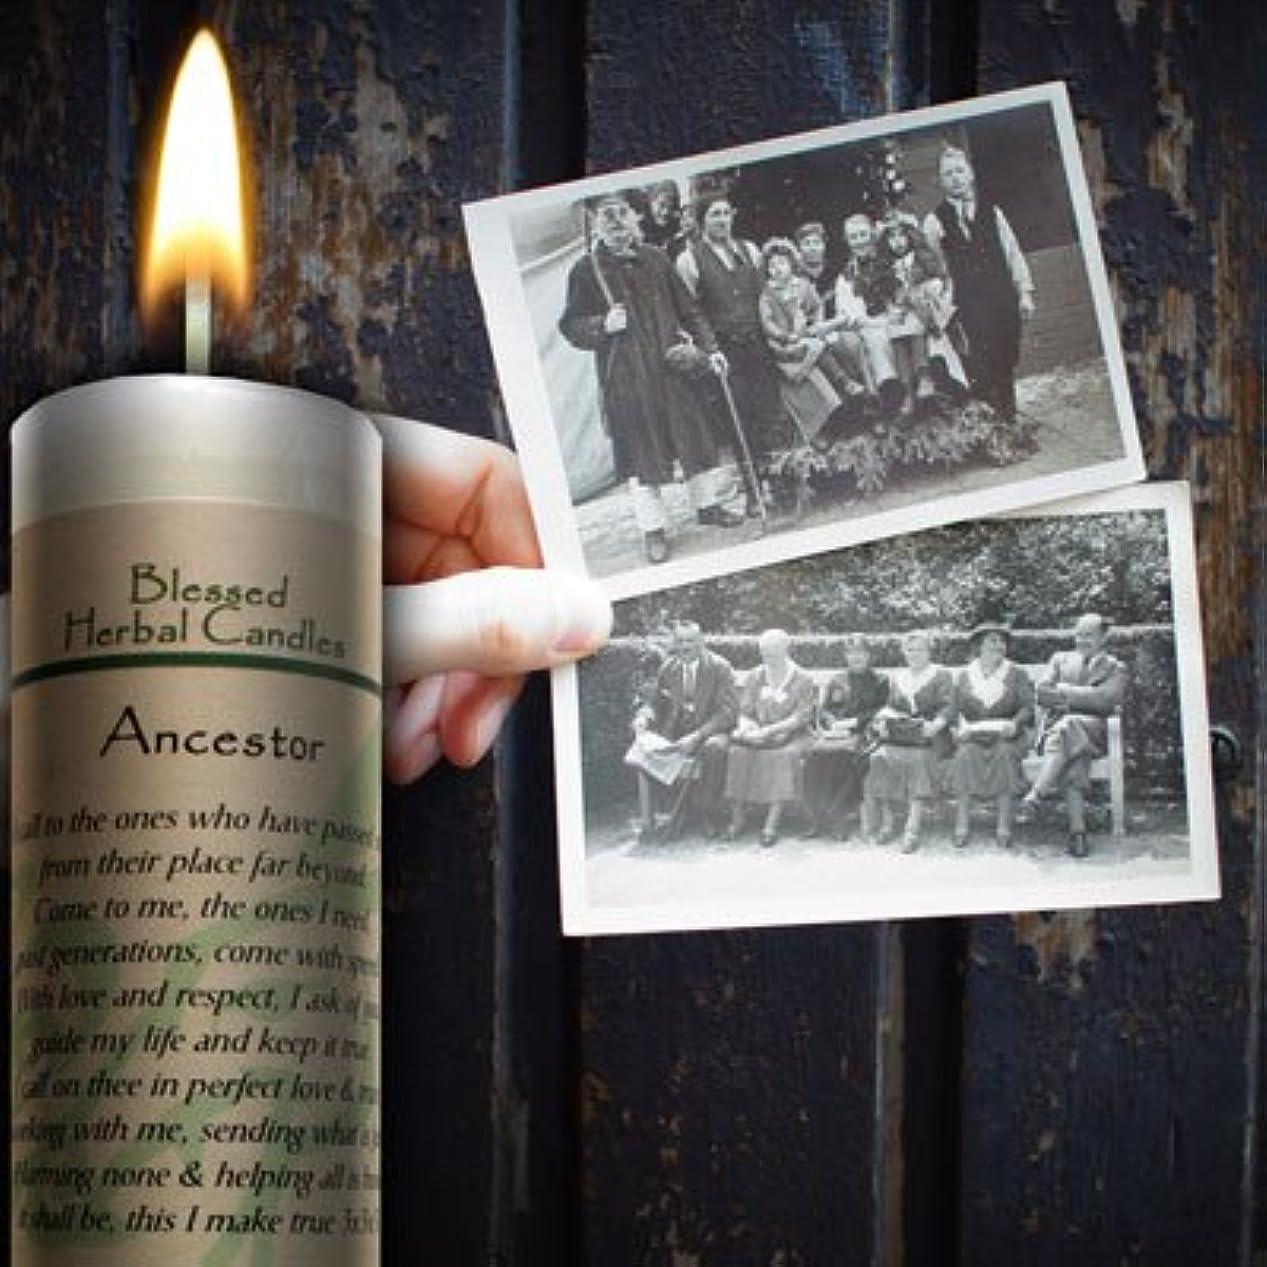 うめき近似式Blessedハーブ祖先Candle